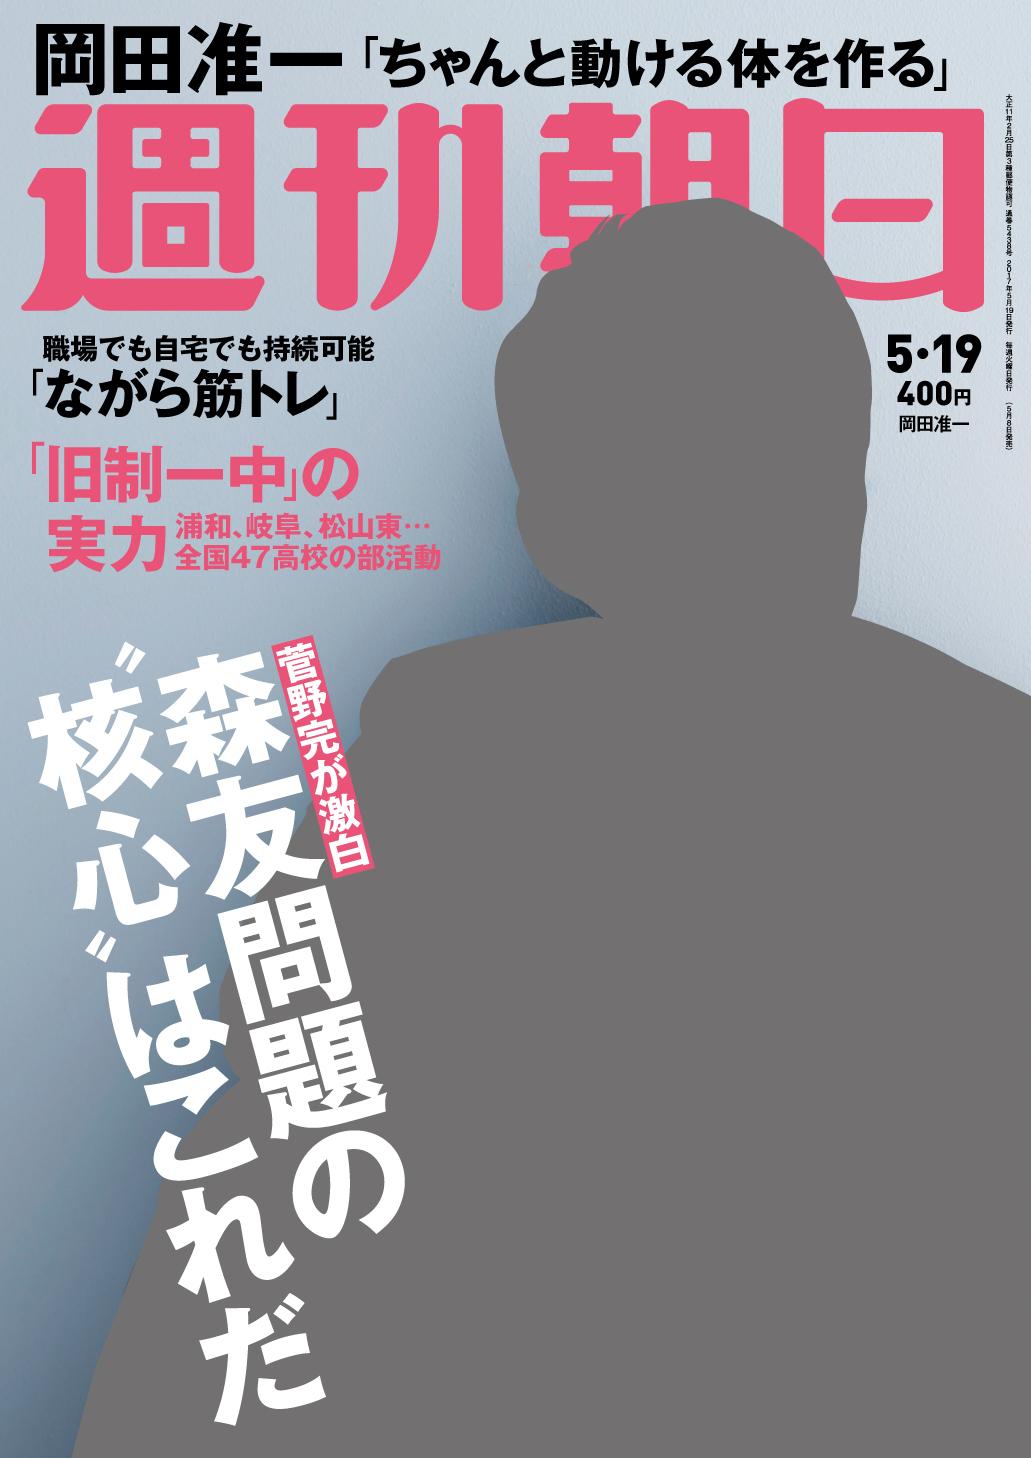 岡田准一、これからの思い語る。「 岡田准一として成長したい」サムネイル画像